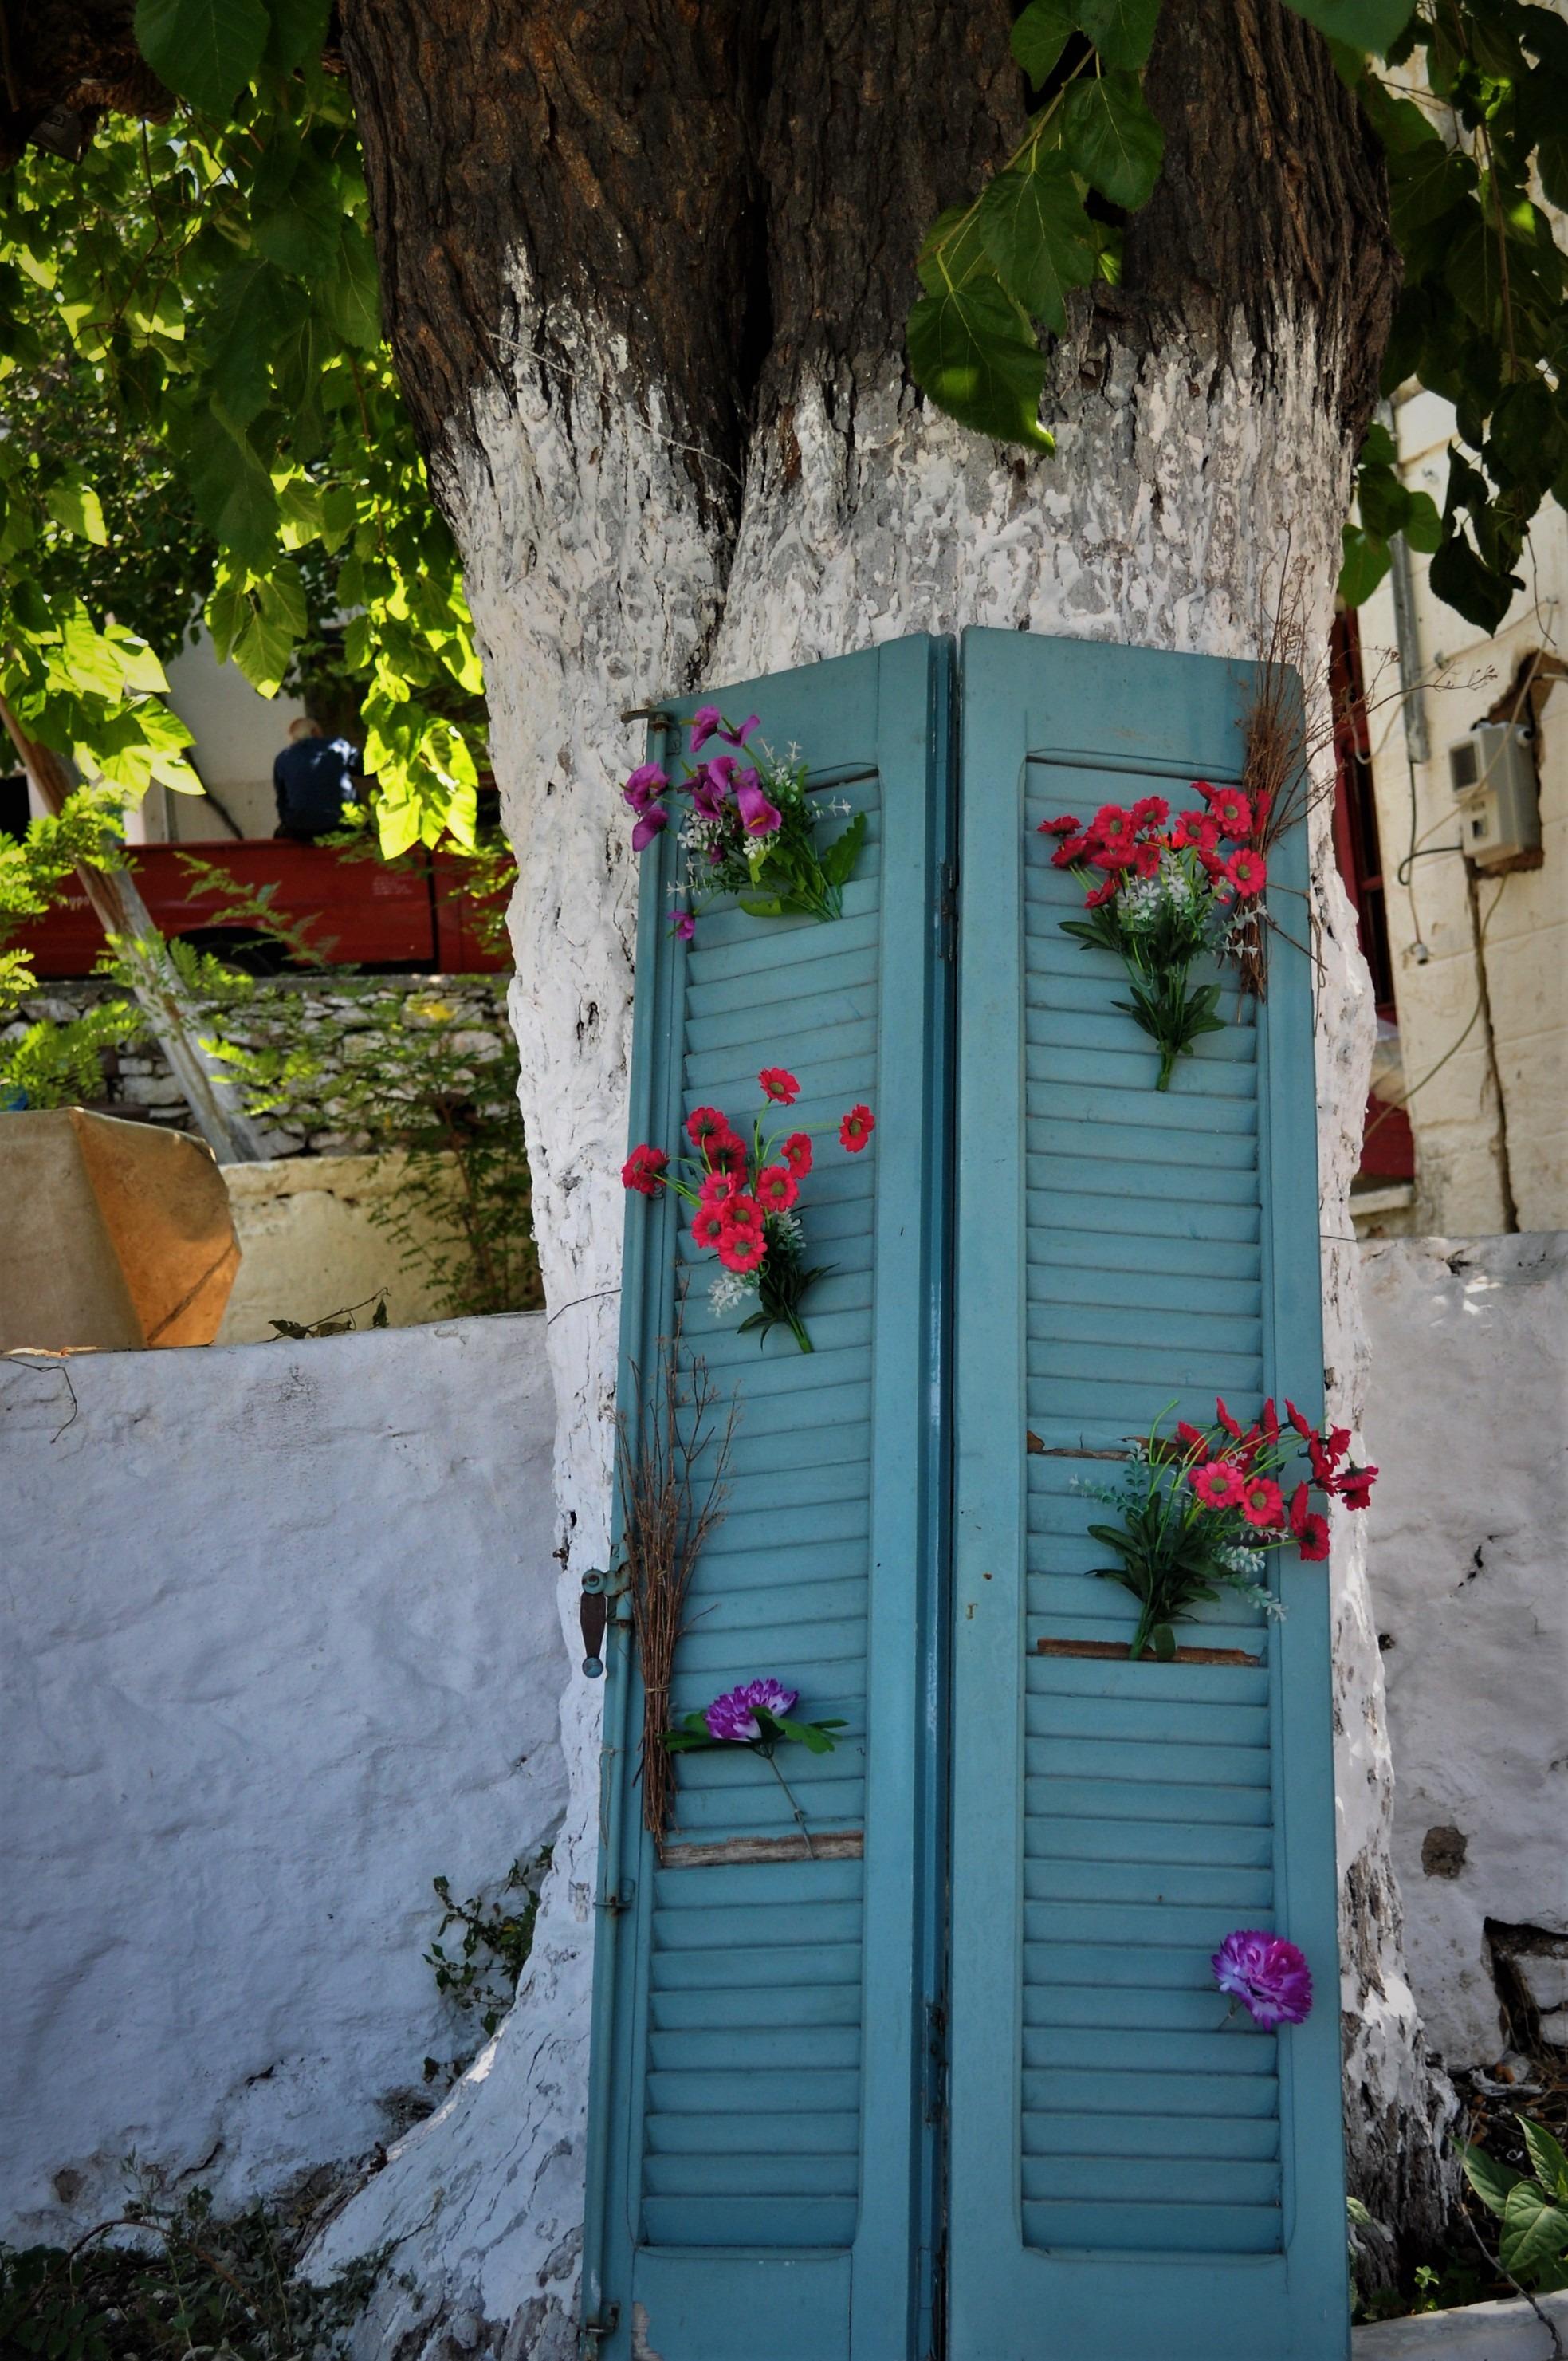 Личи си грижата, усета за красота, вниманието в детайла. Всеки е варосвал къщата си, пребоядисвал е оградата в синьо или е изрисувал външната си стена с цветя, подредил е джуджета, щъркели и зайчета в градината. ..